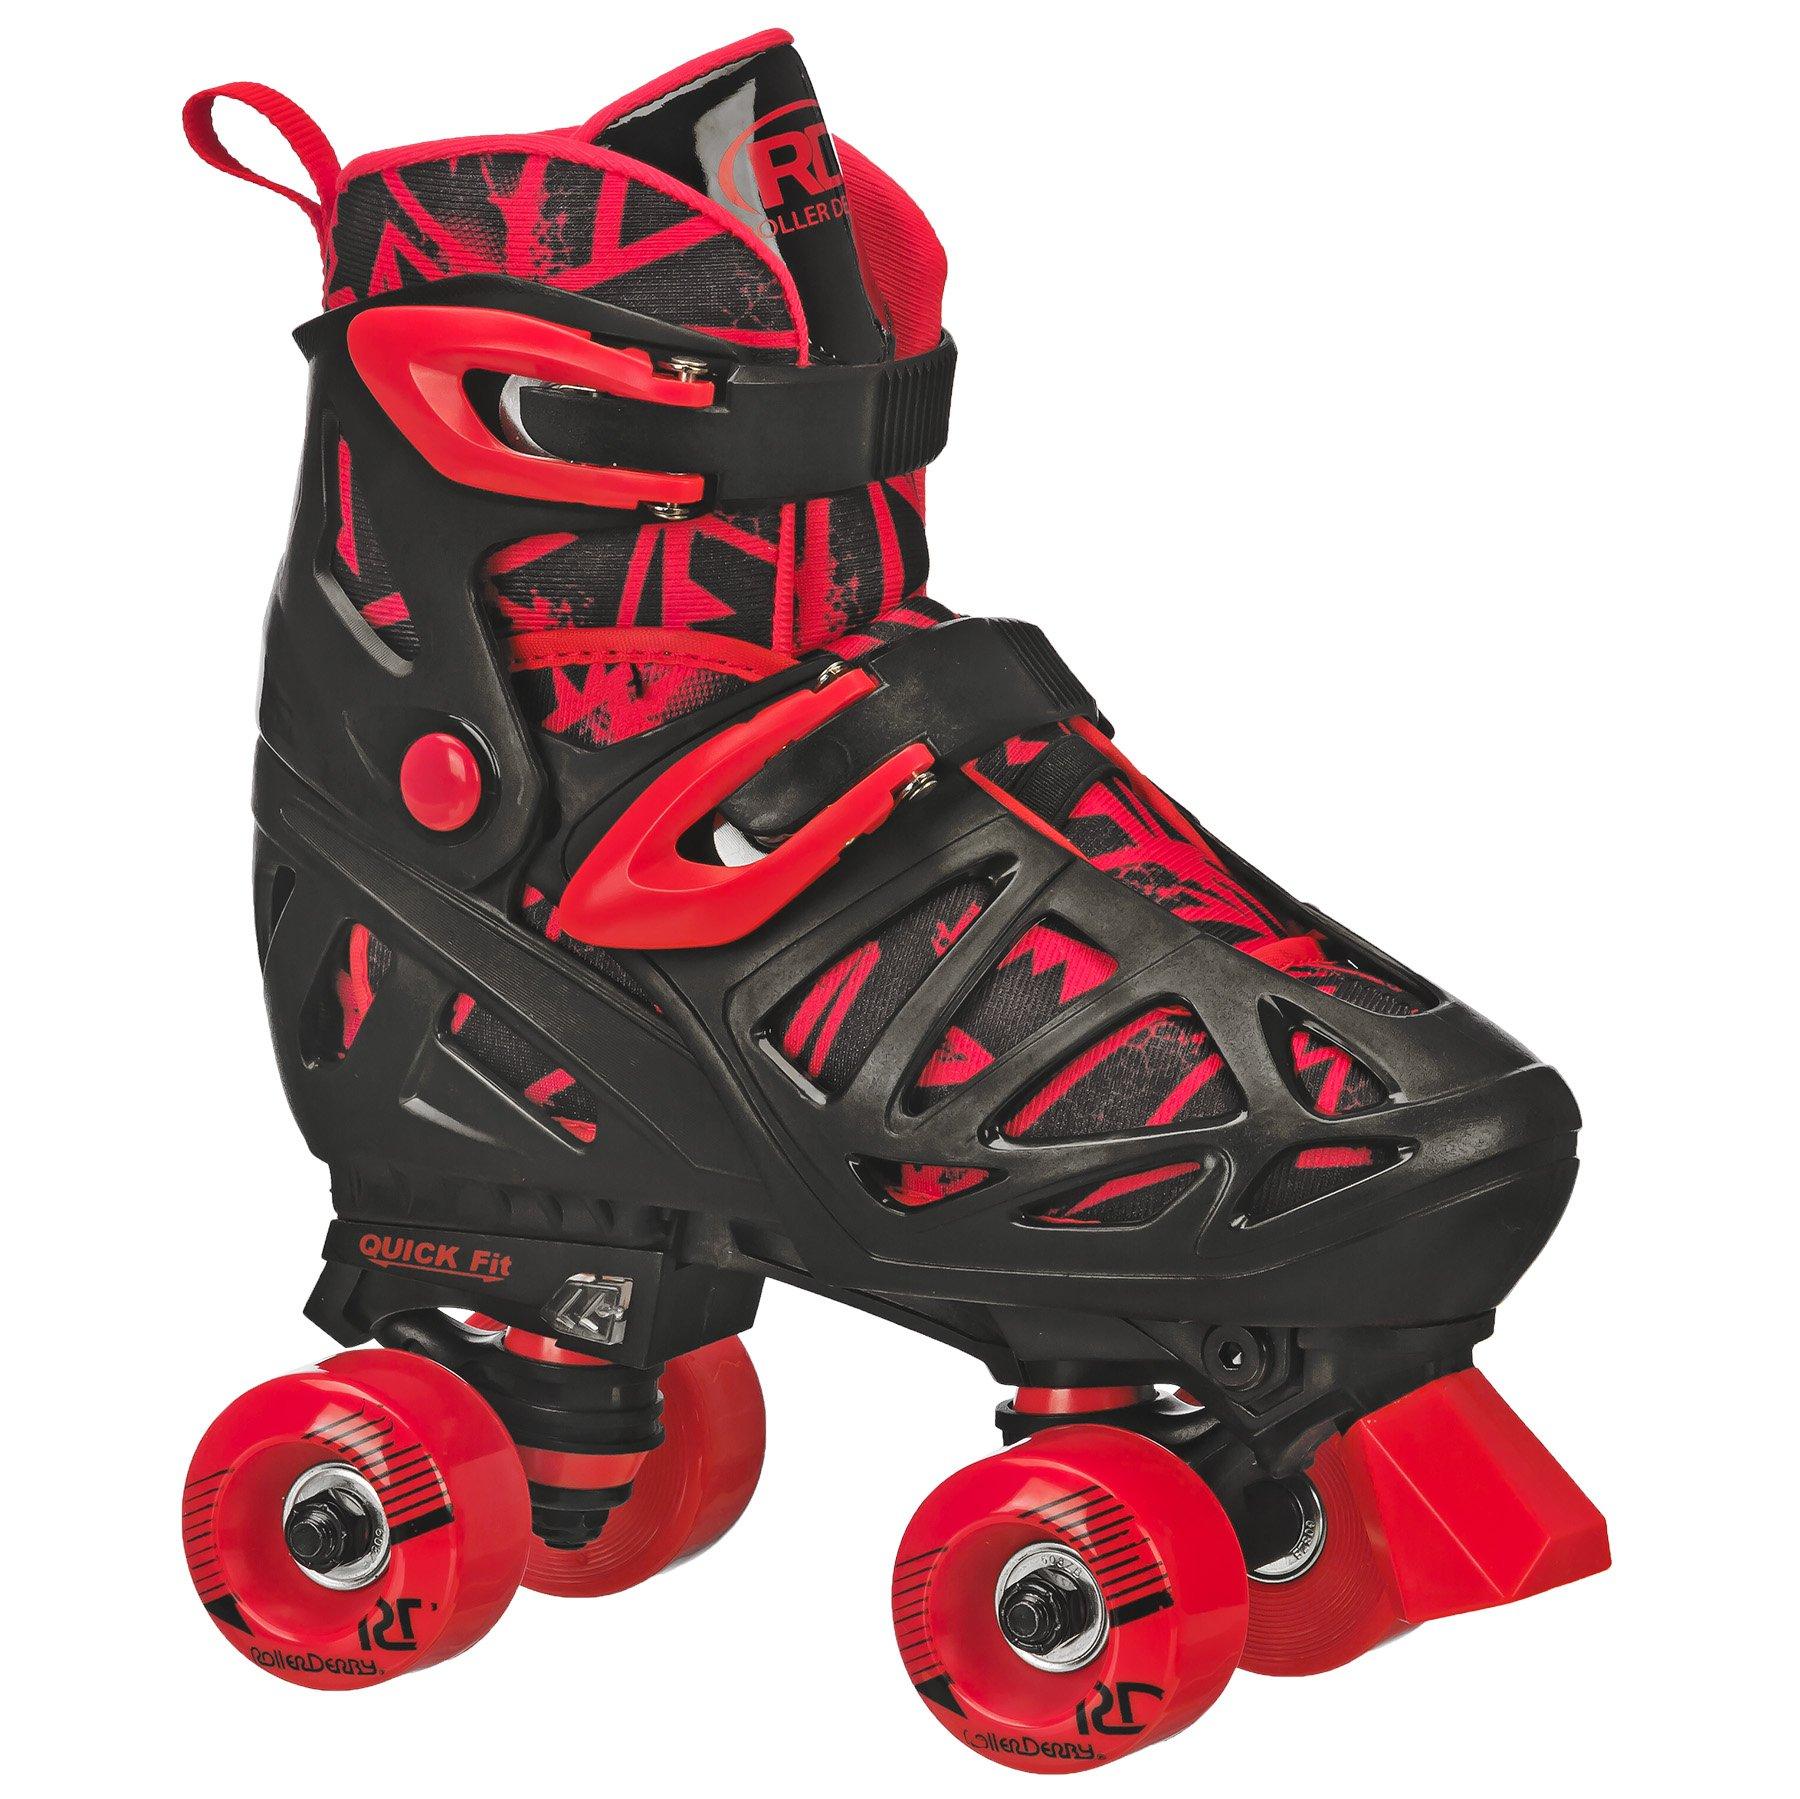 Roller Derby Trac Star Boy's Adjustable Roller Skate, Grey/Black/Red, Large (3-6) by Roller Derby